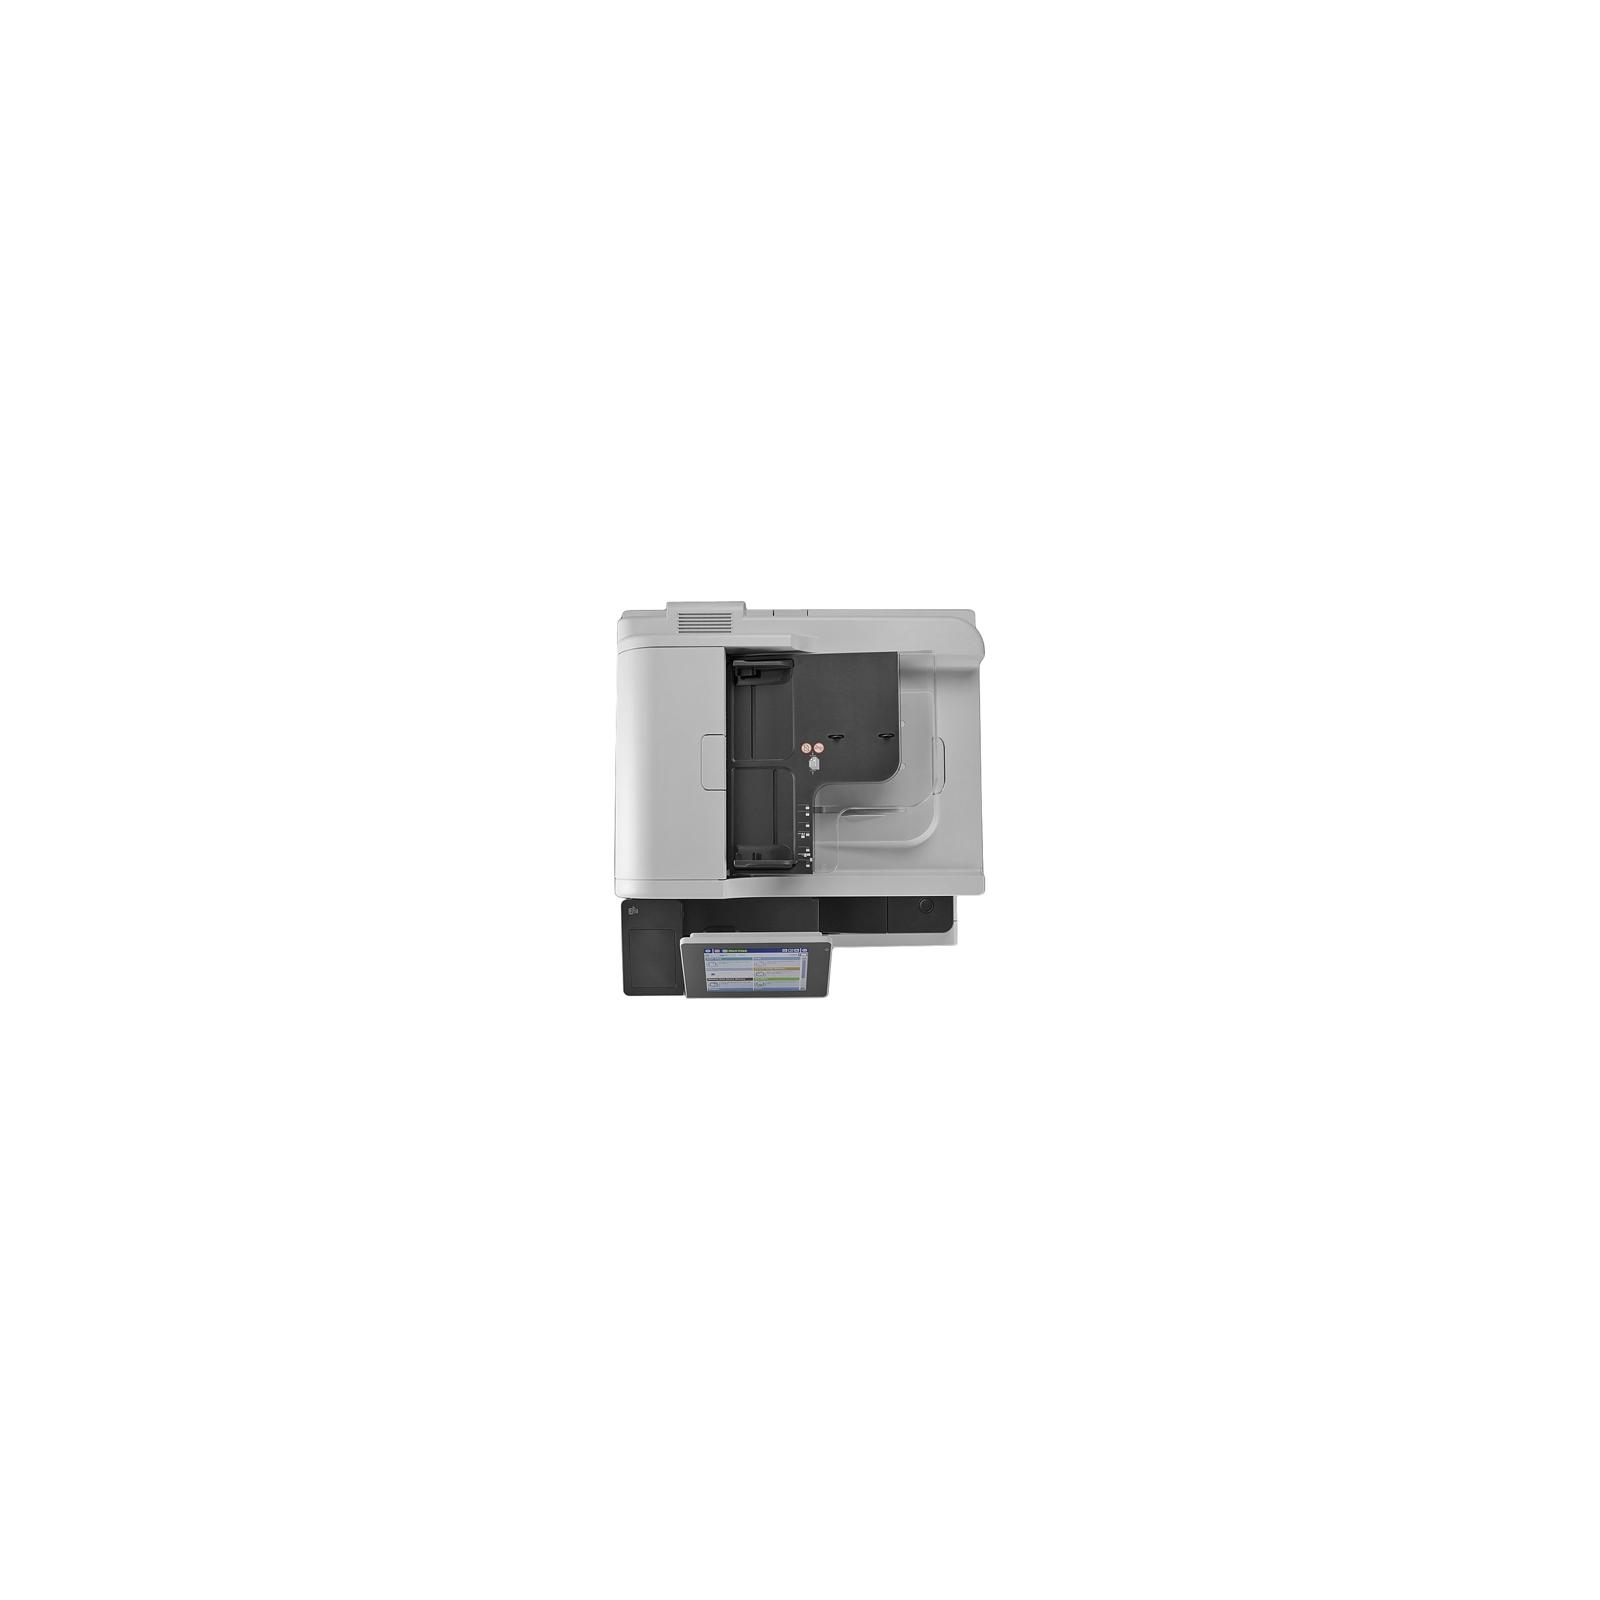 Многофункциональное устройство HP M725f (CF067A) изображение 2